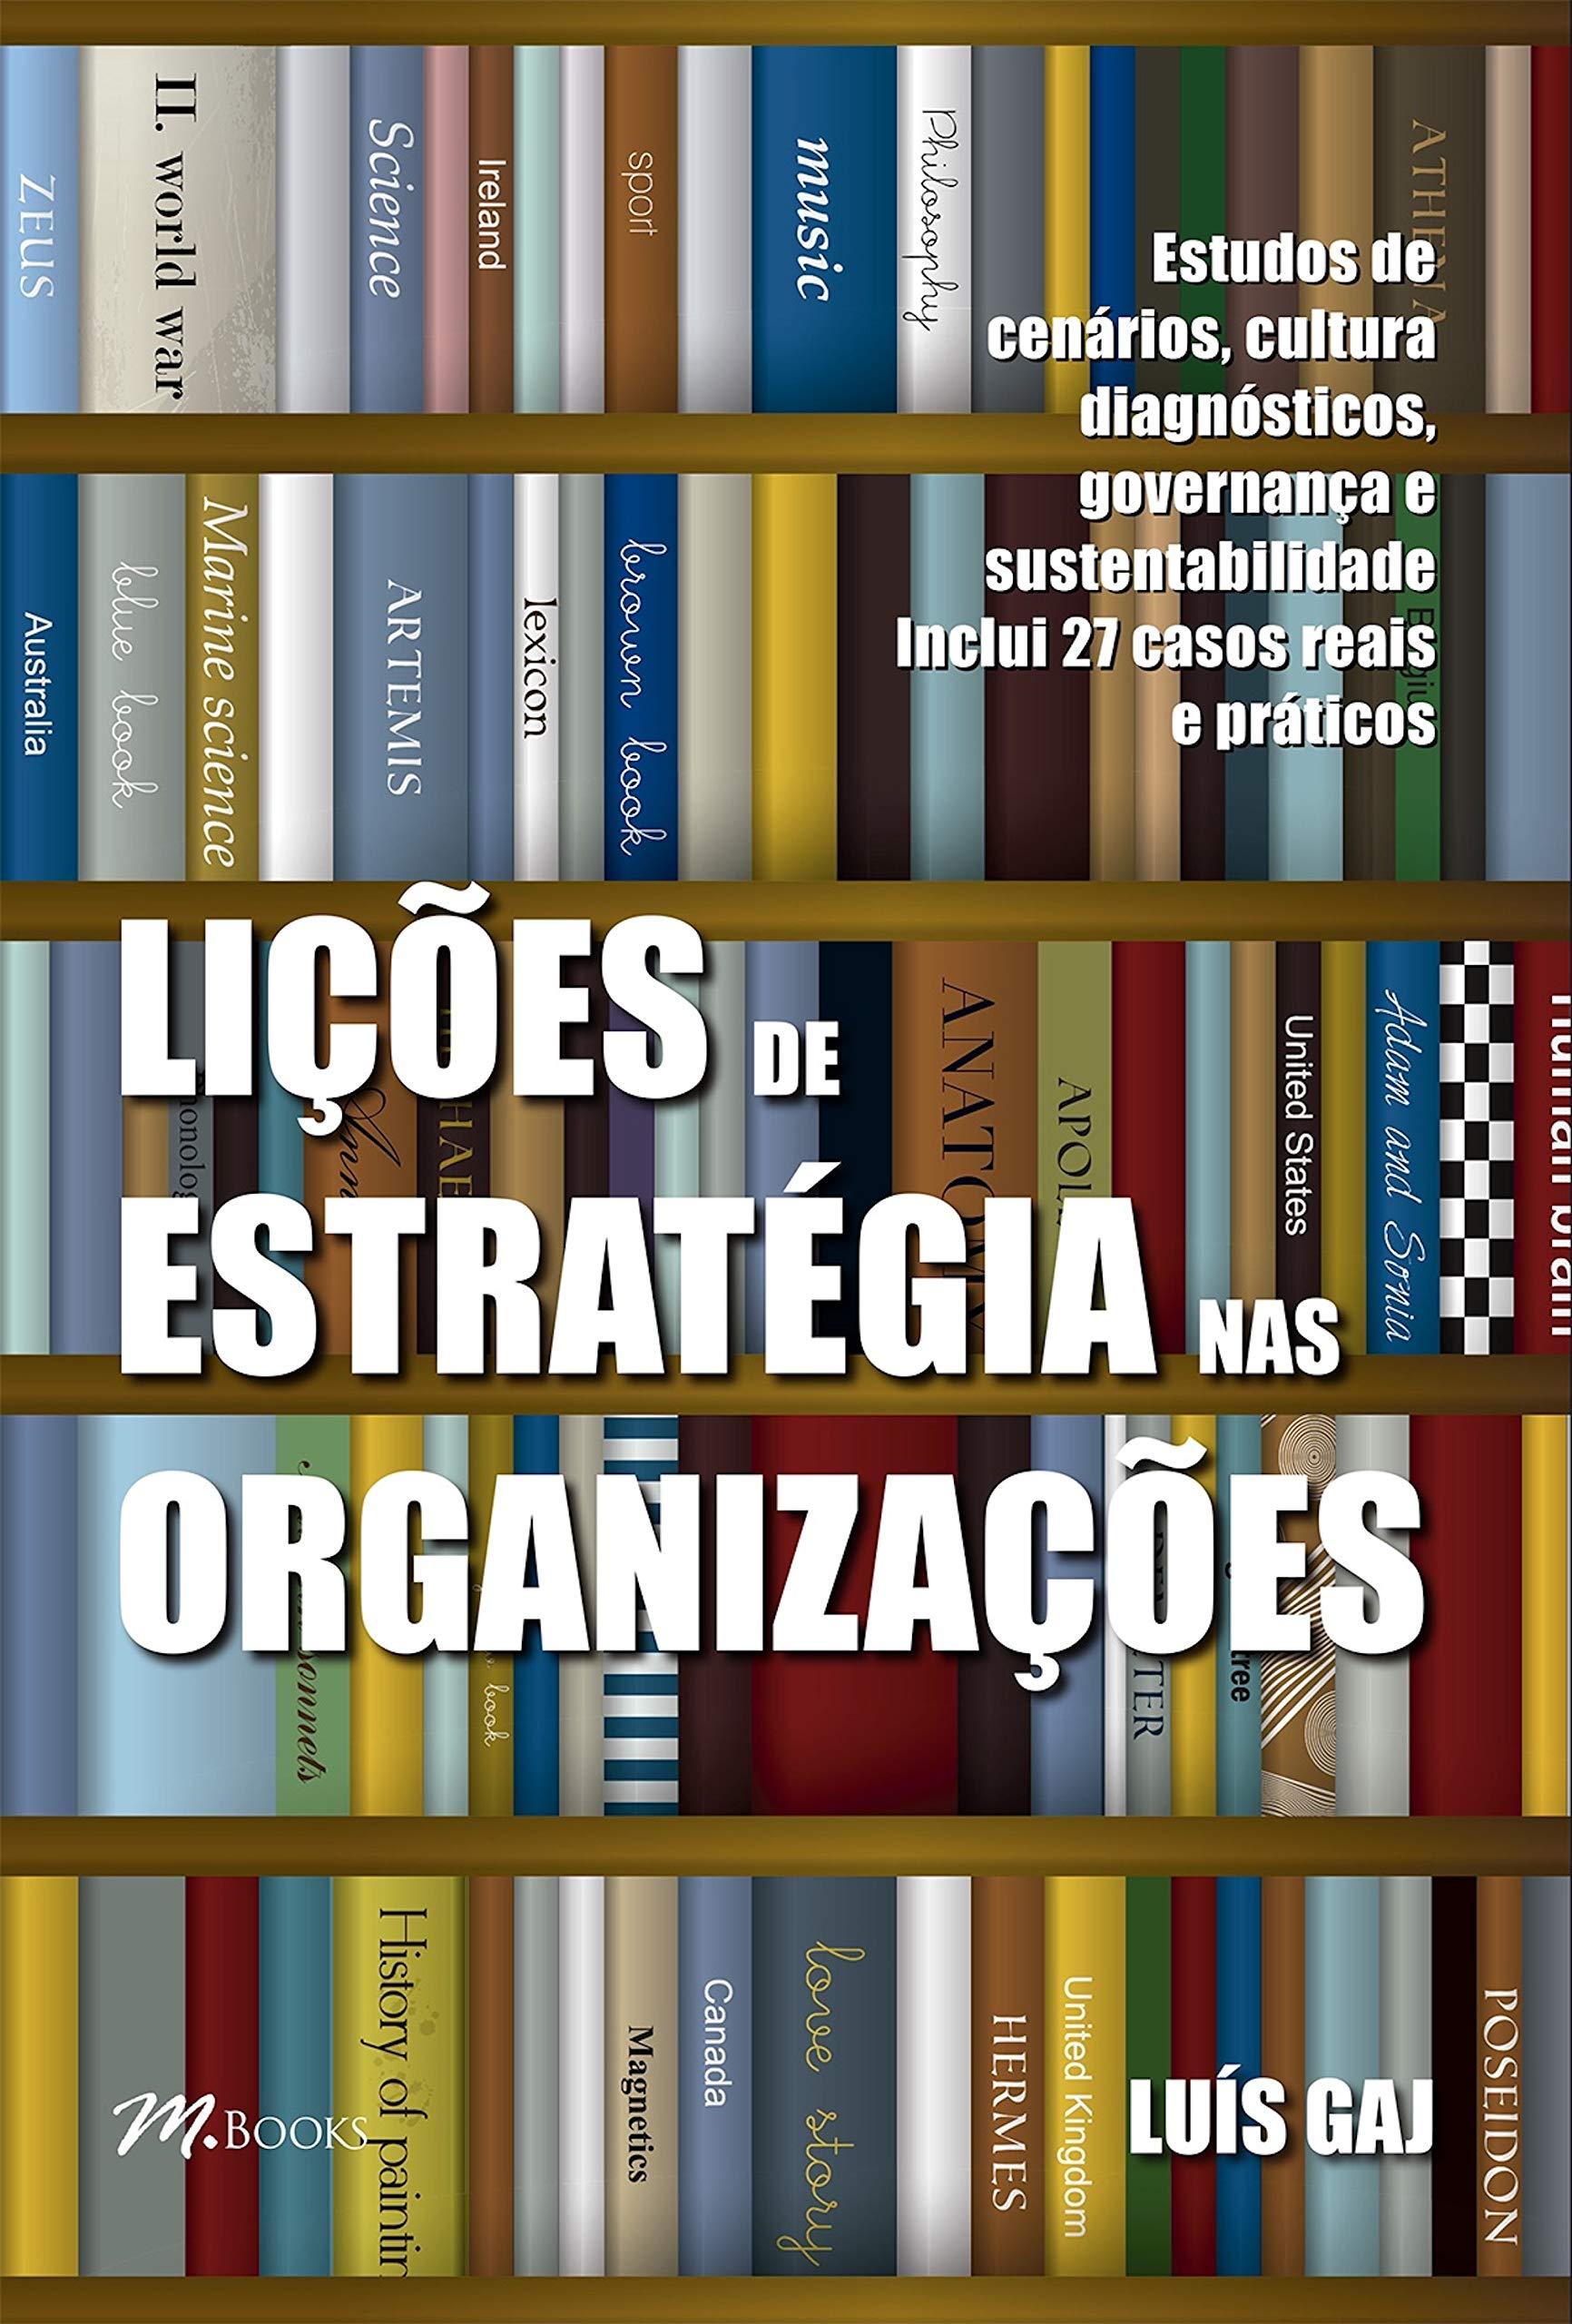 Lições de estratégia nas organizações: Estudos de cenários, cultura, diagnósticos, governança e sustentabilidade - inclui 27 casos reais e práticos (Portuguese Edition)